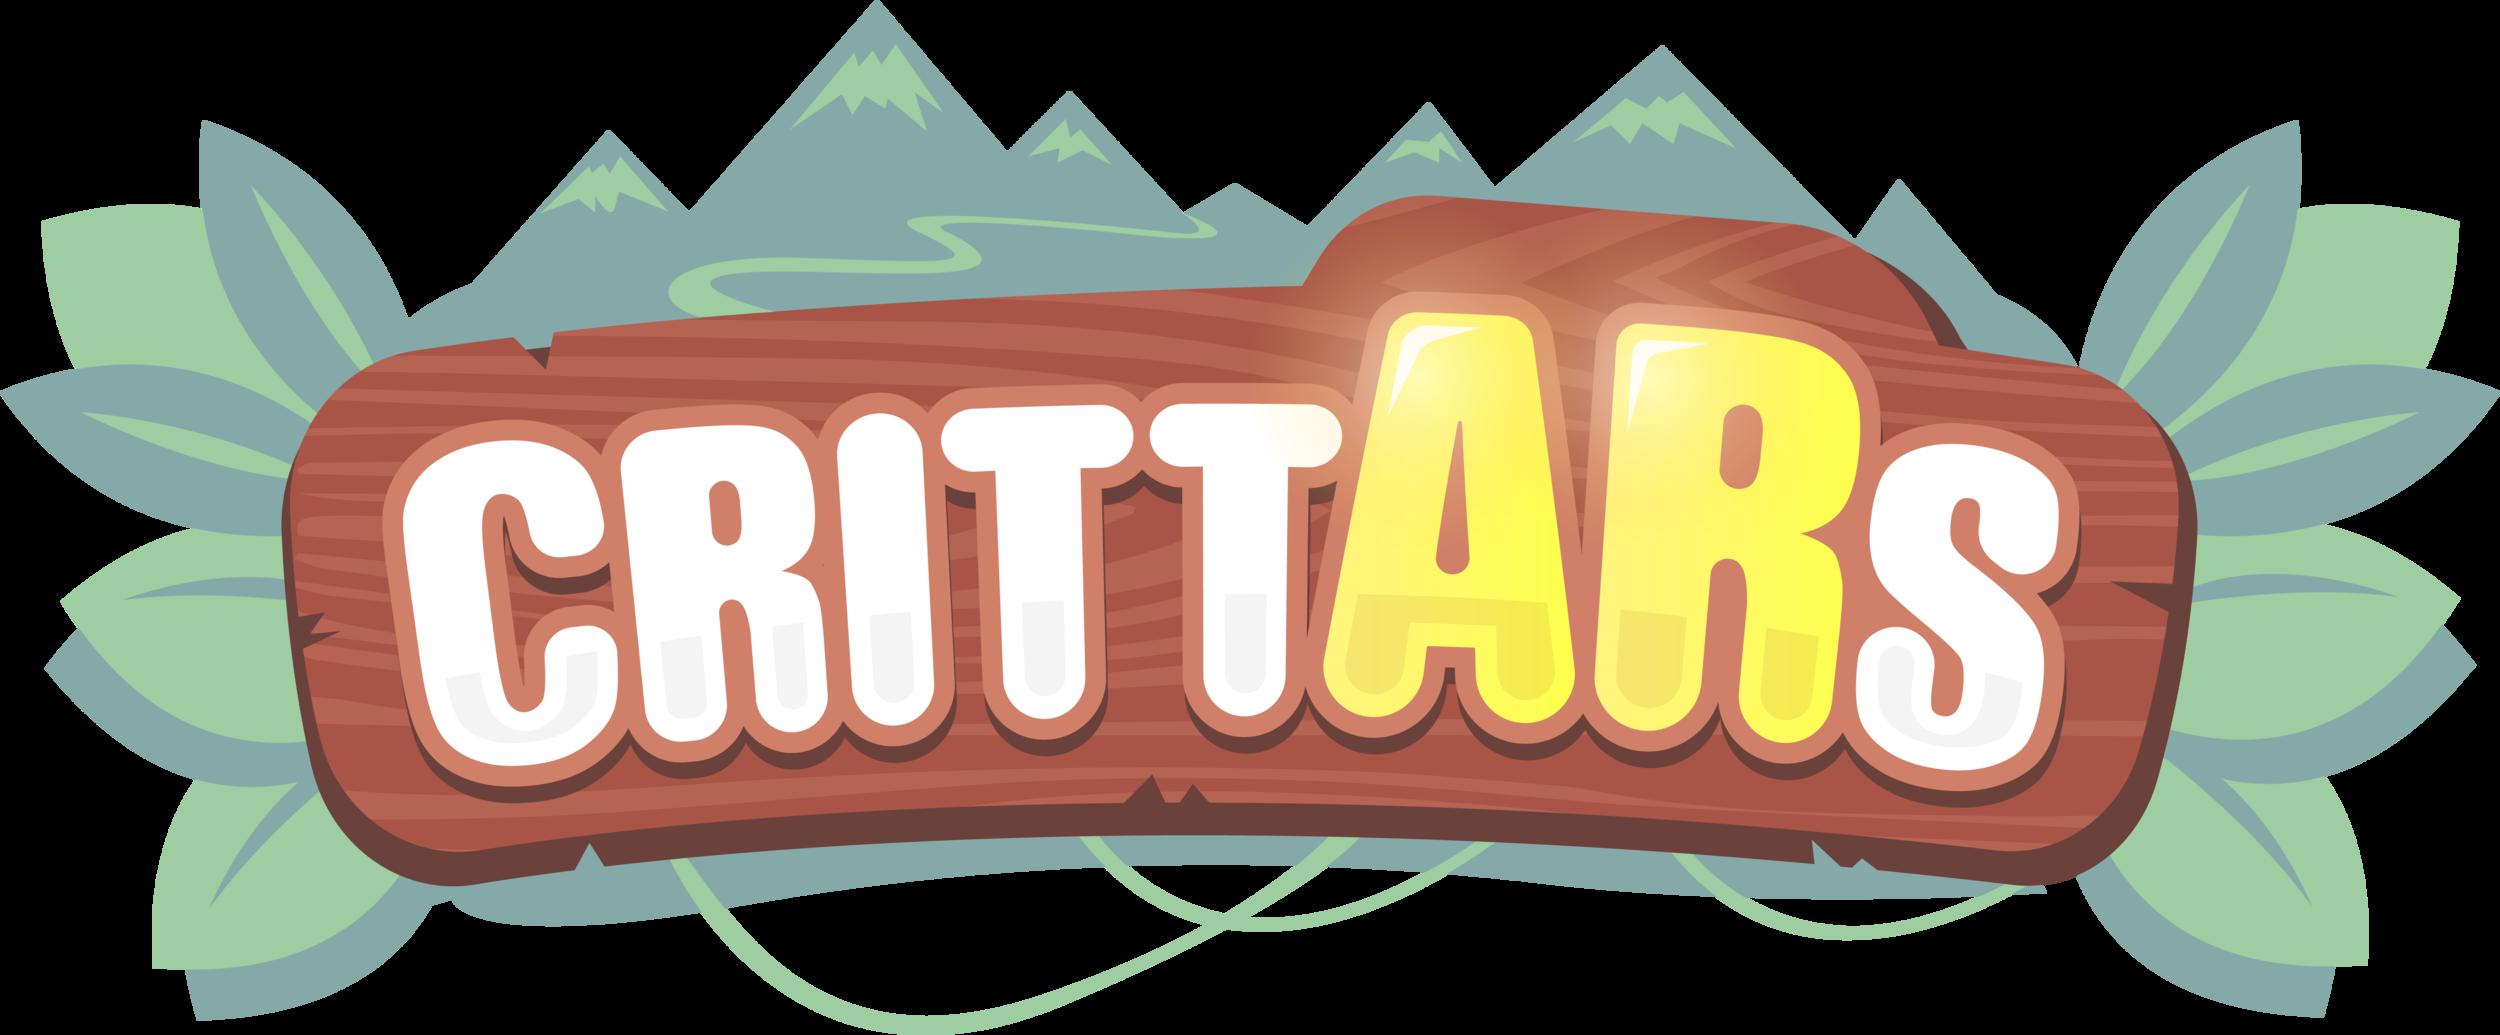 CrittARs_title